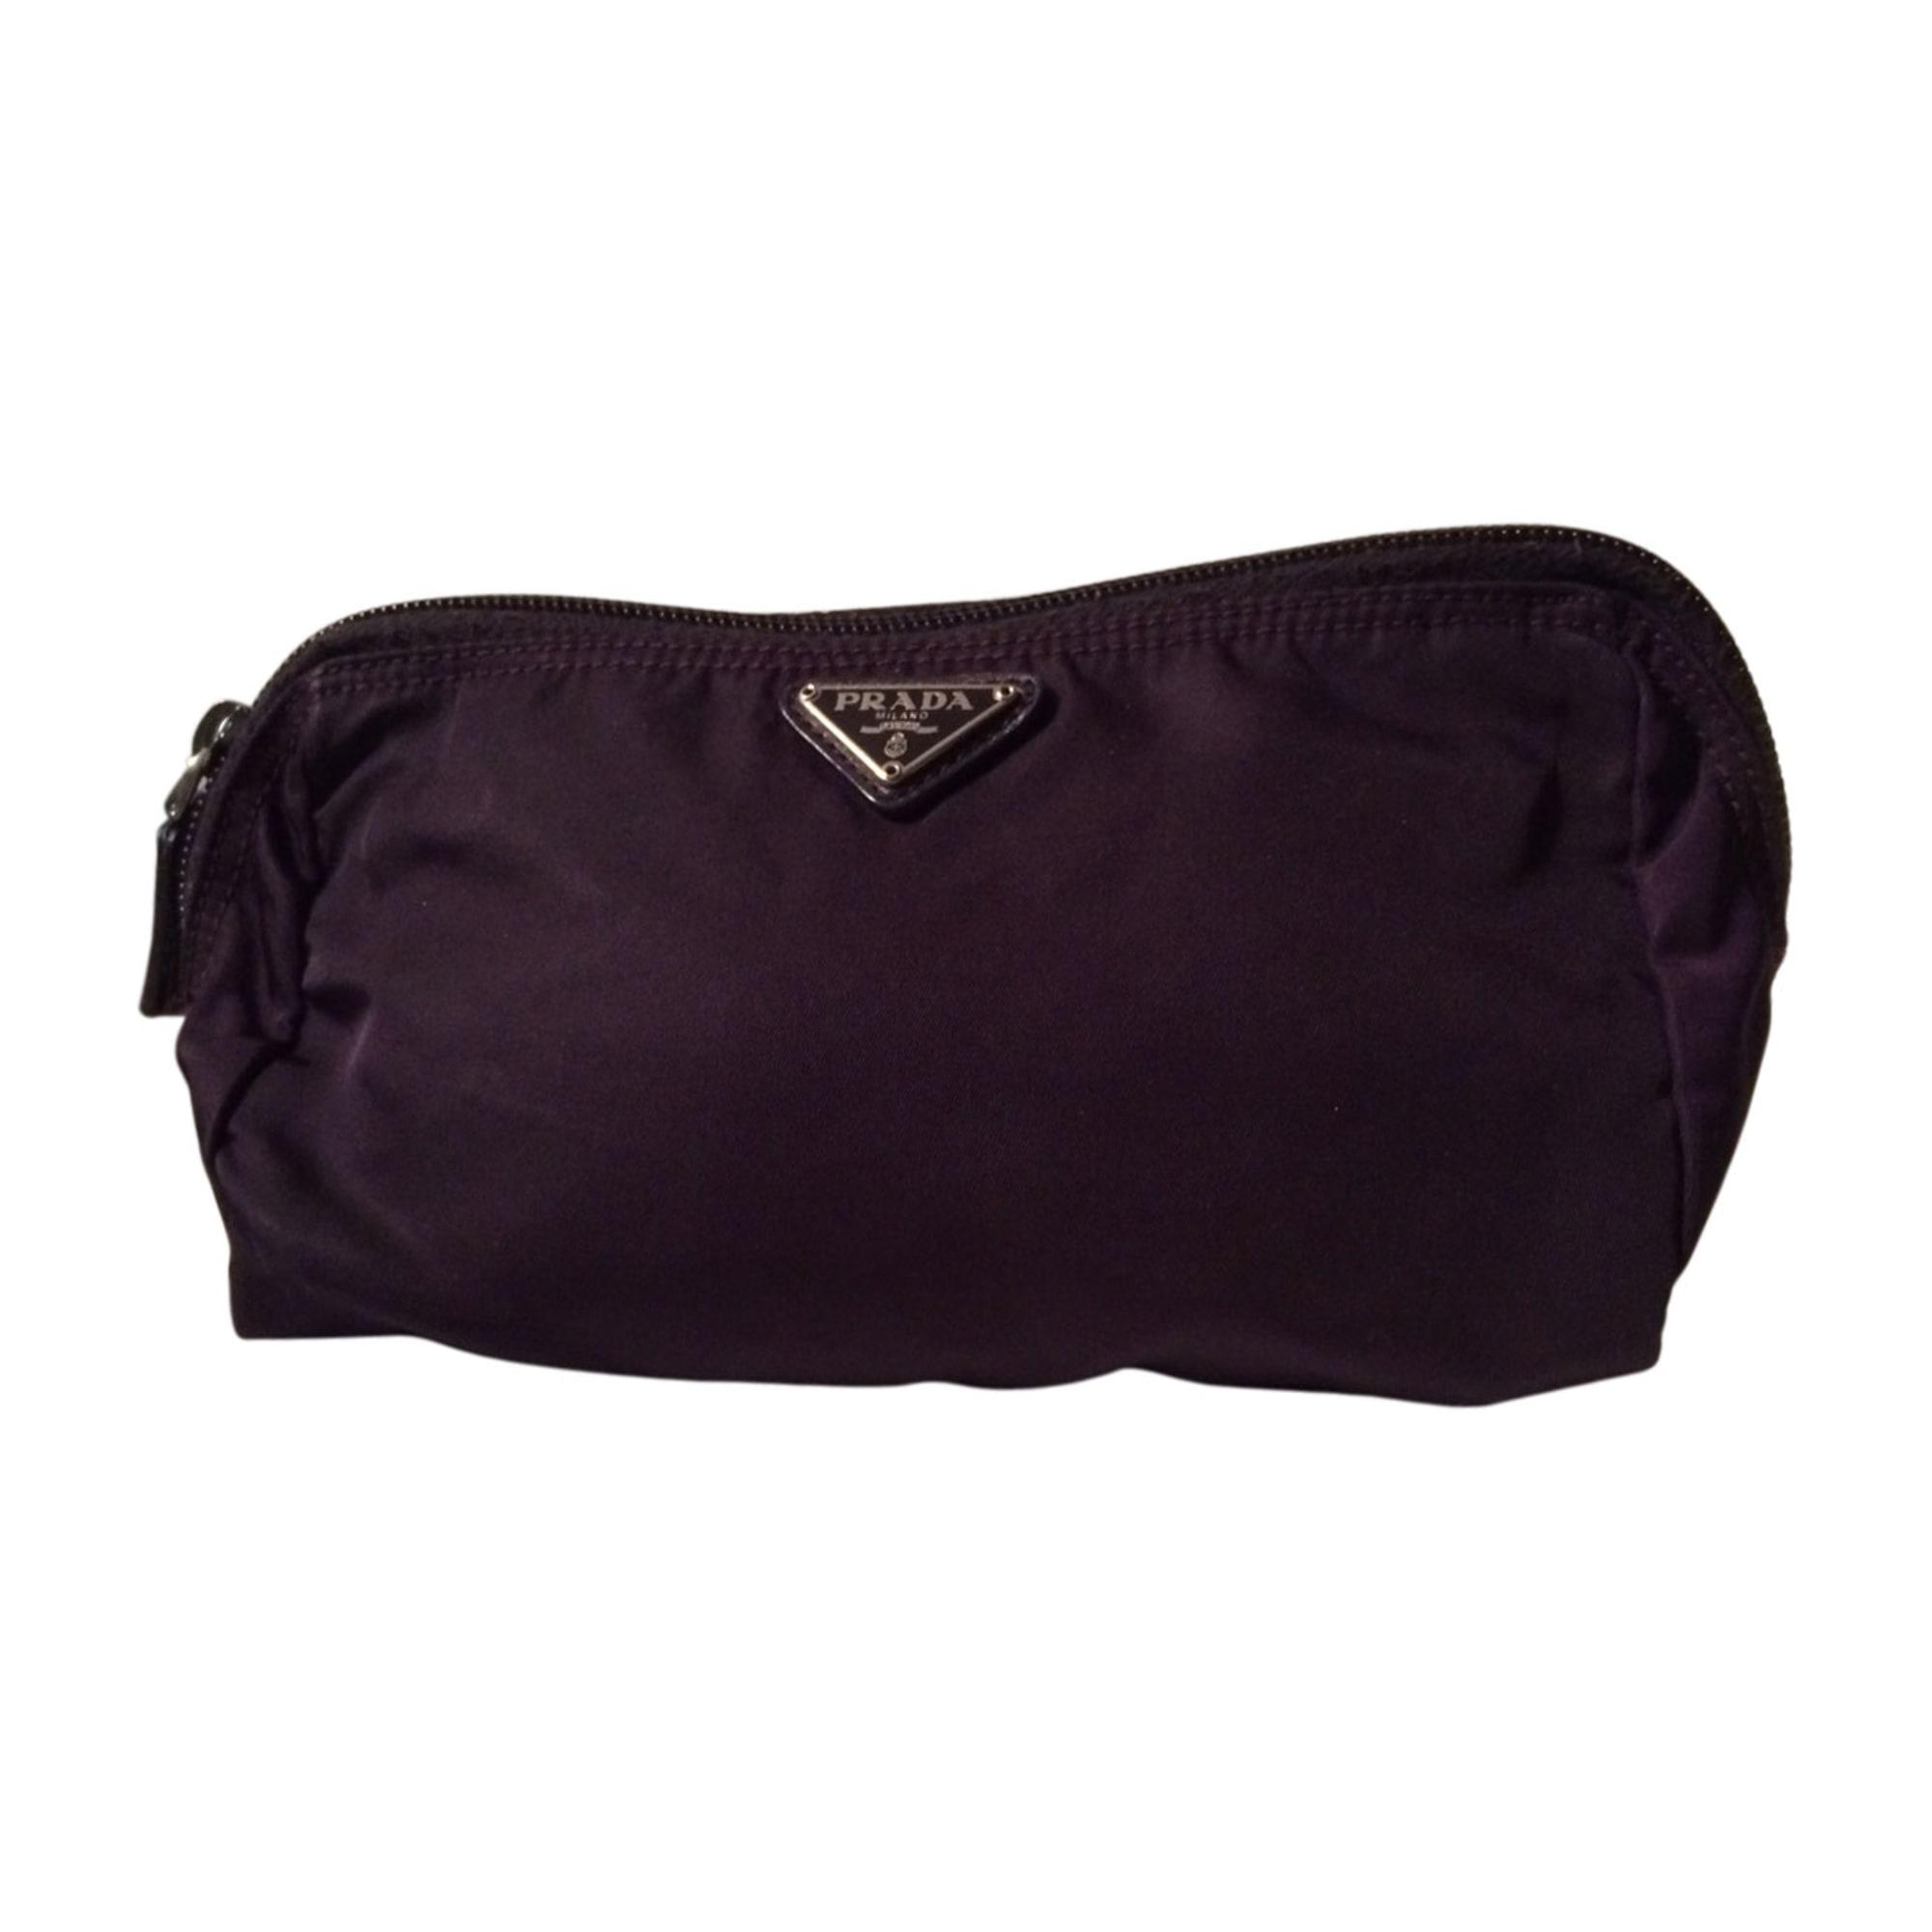 ... norway makeup bag prada 72af6 e0b08 55e4be83e5c82